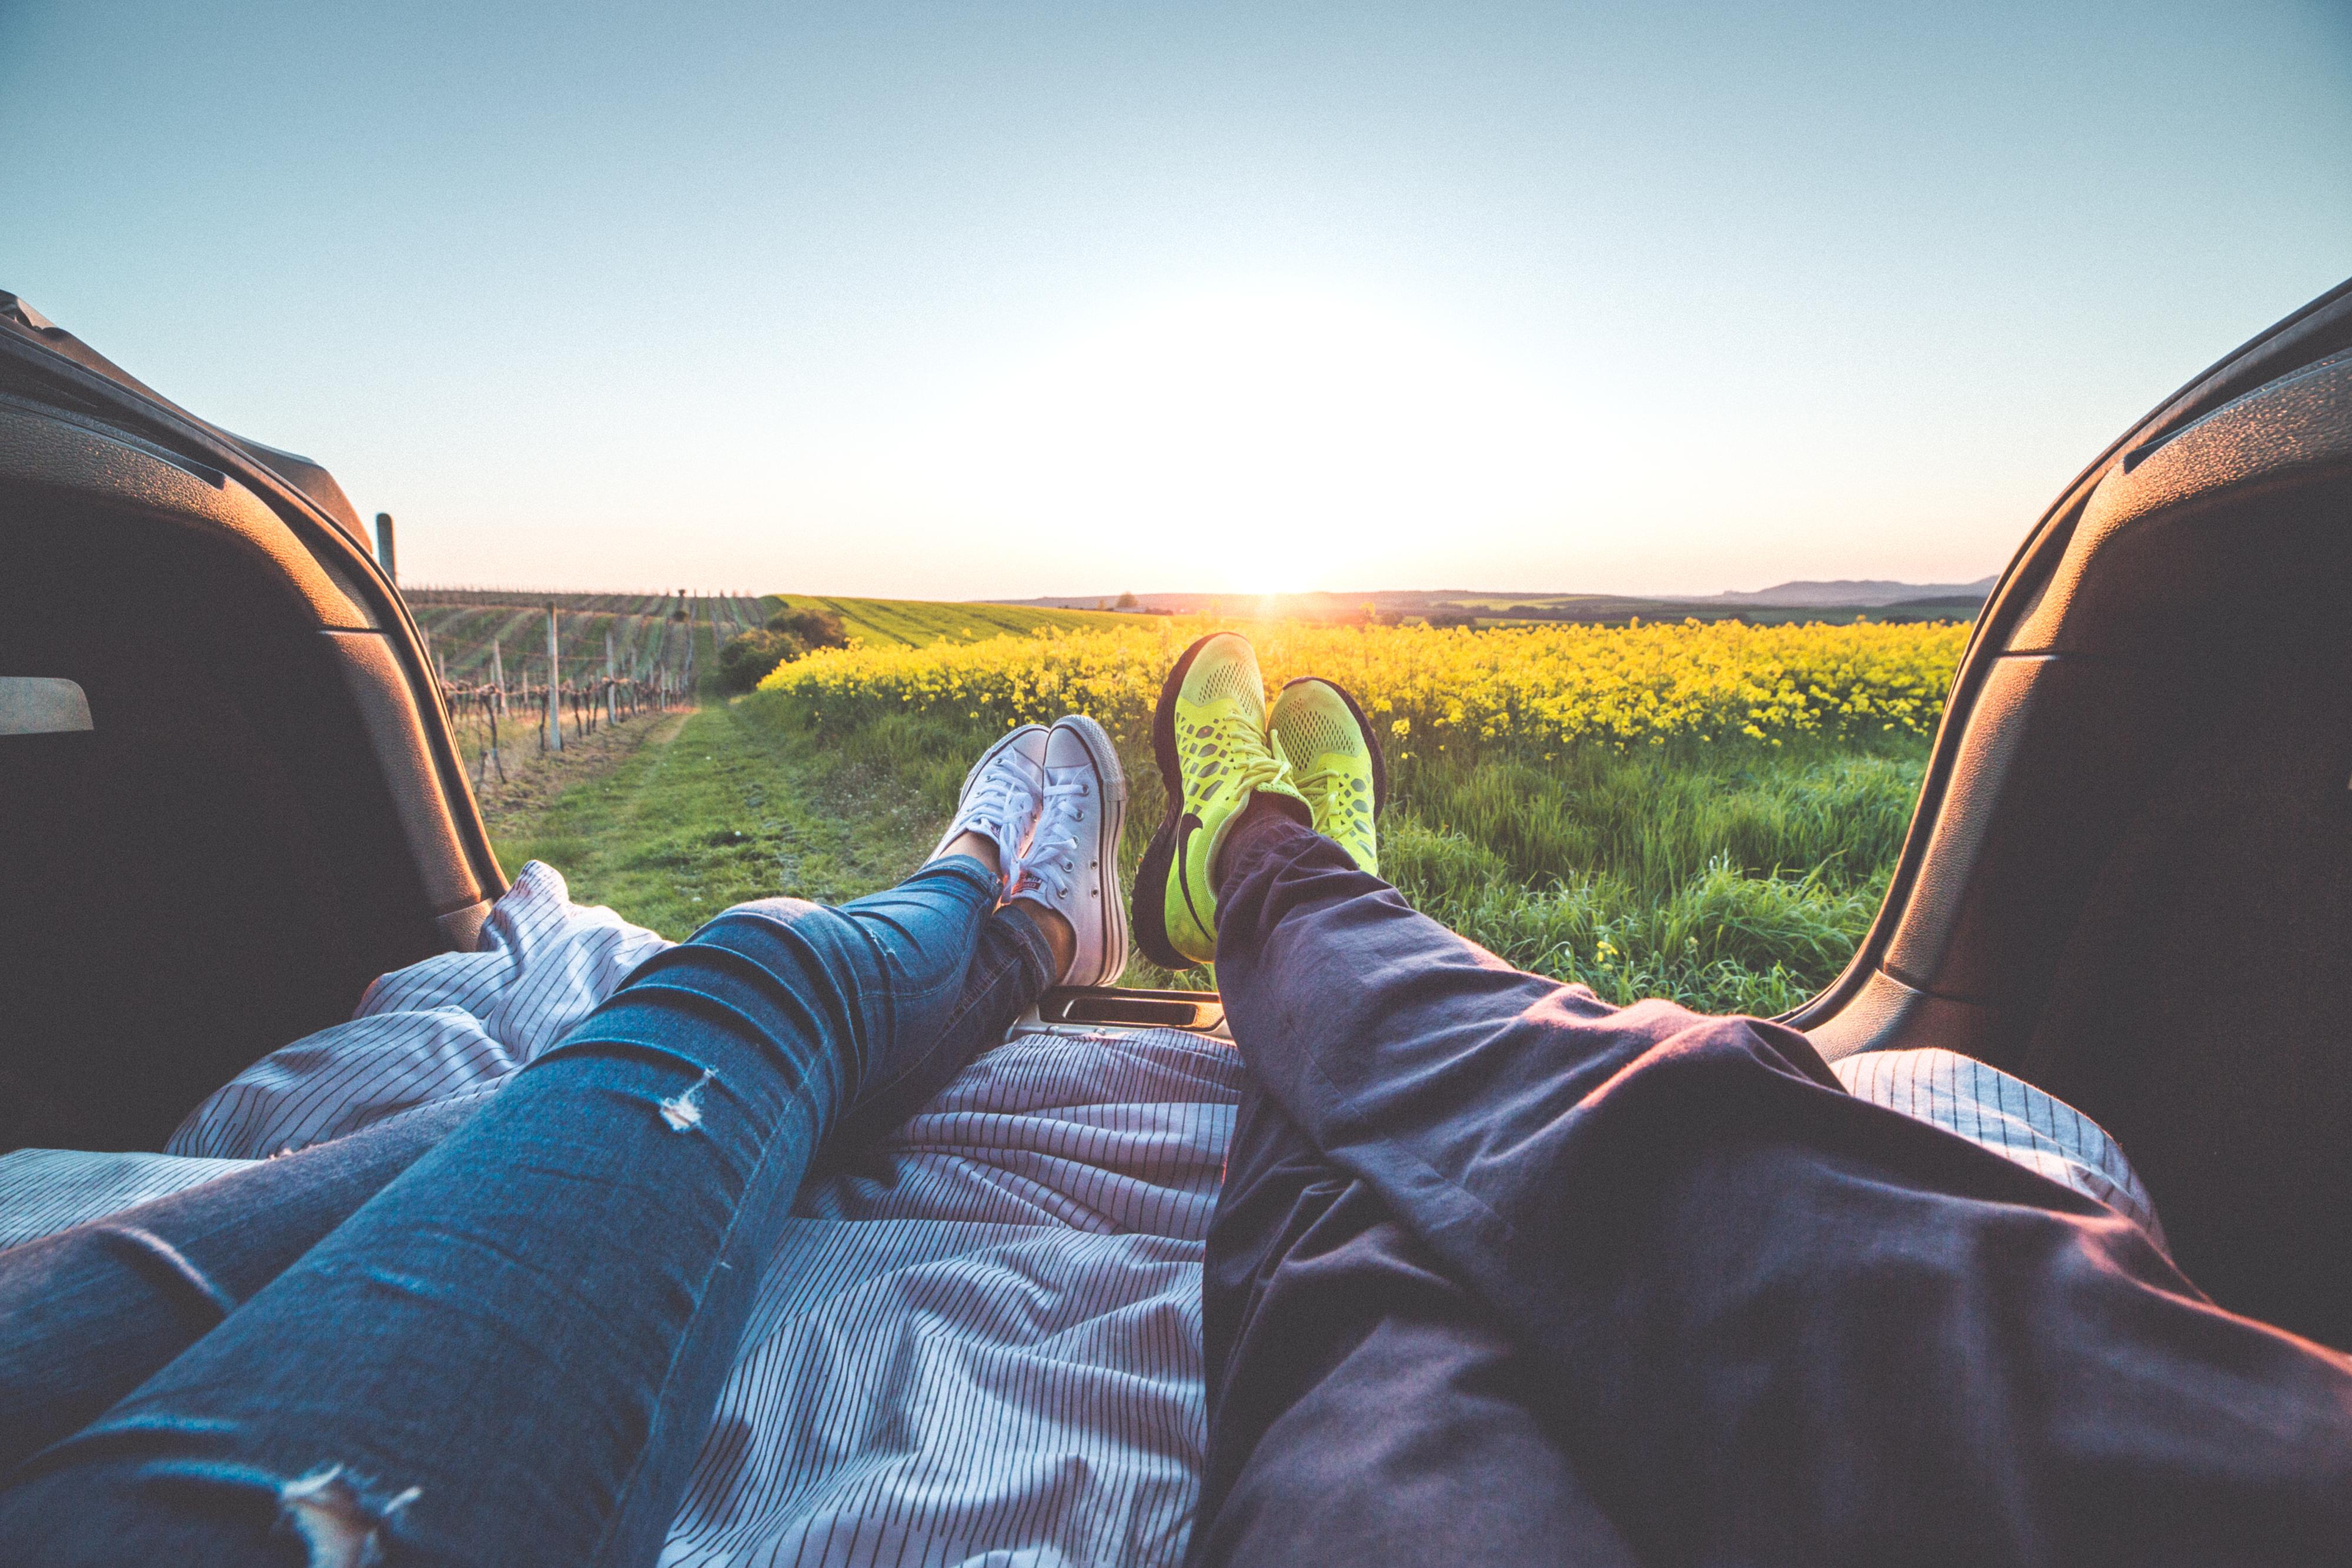 Kjærlighet systemer dagtid dating